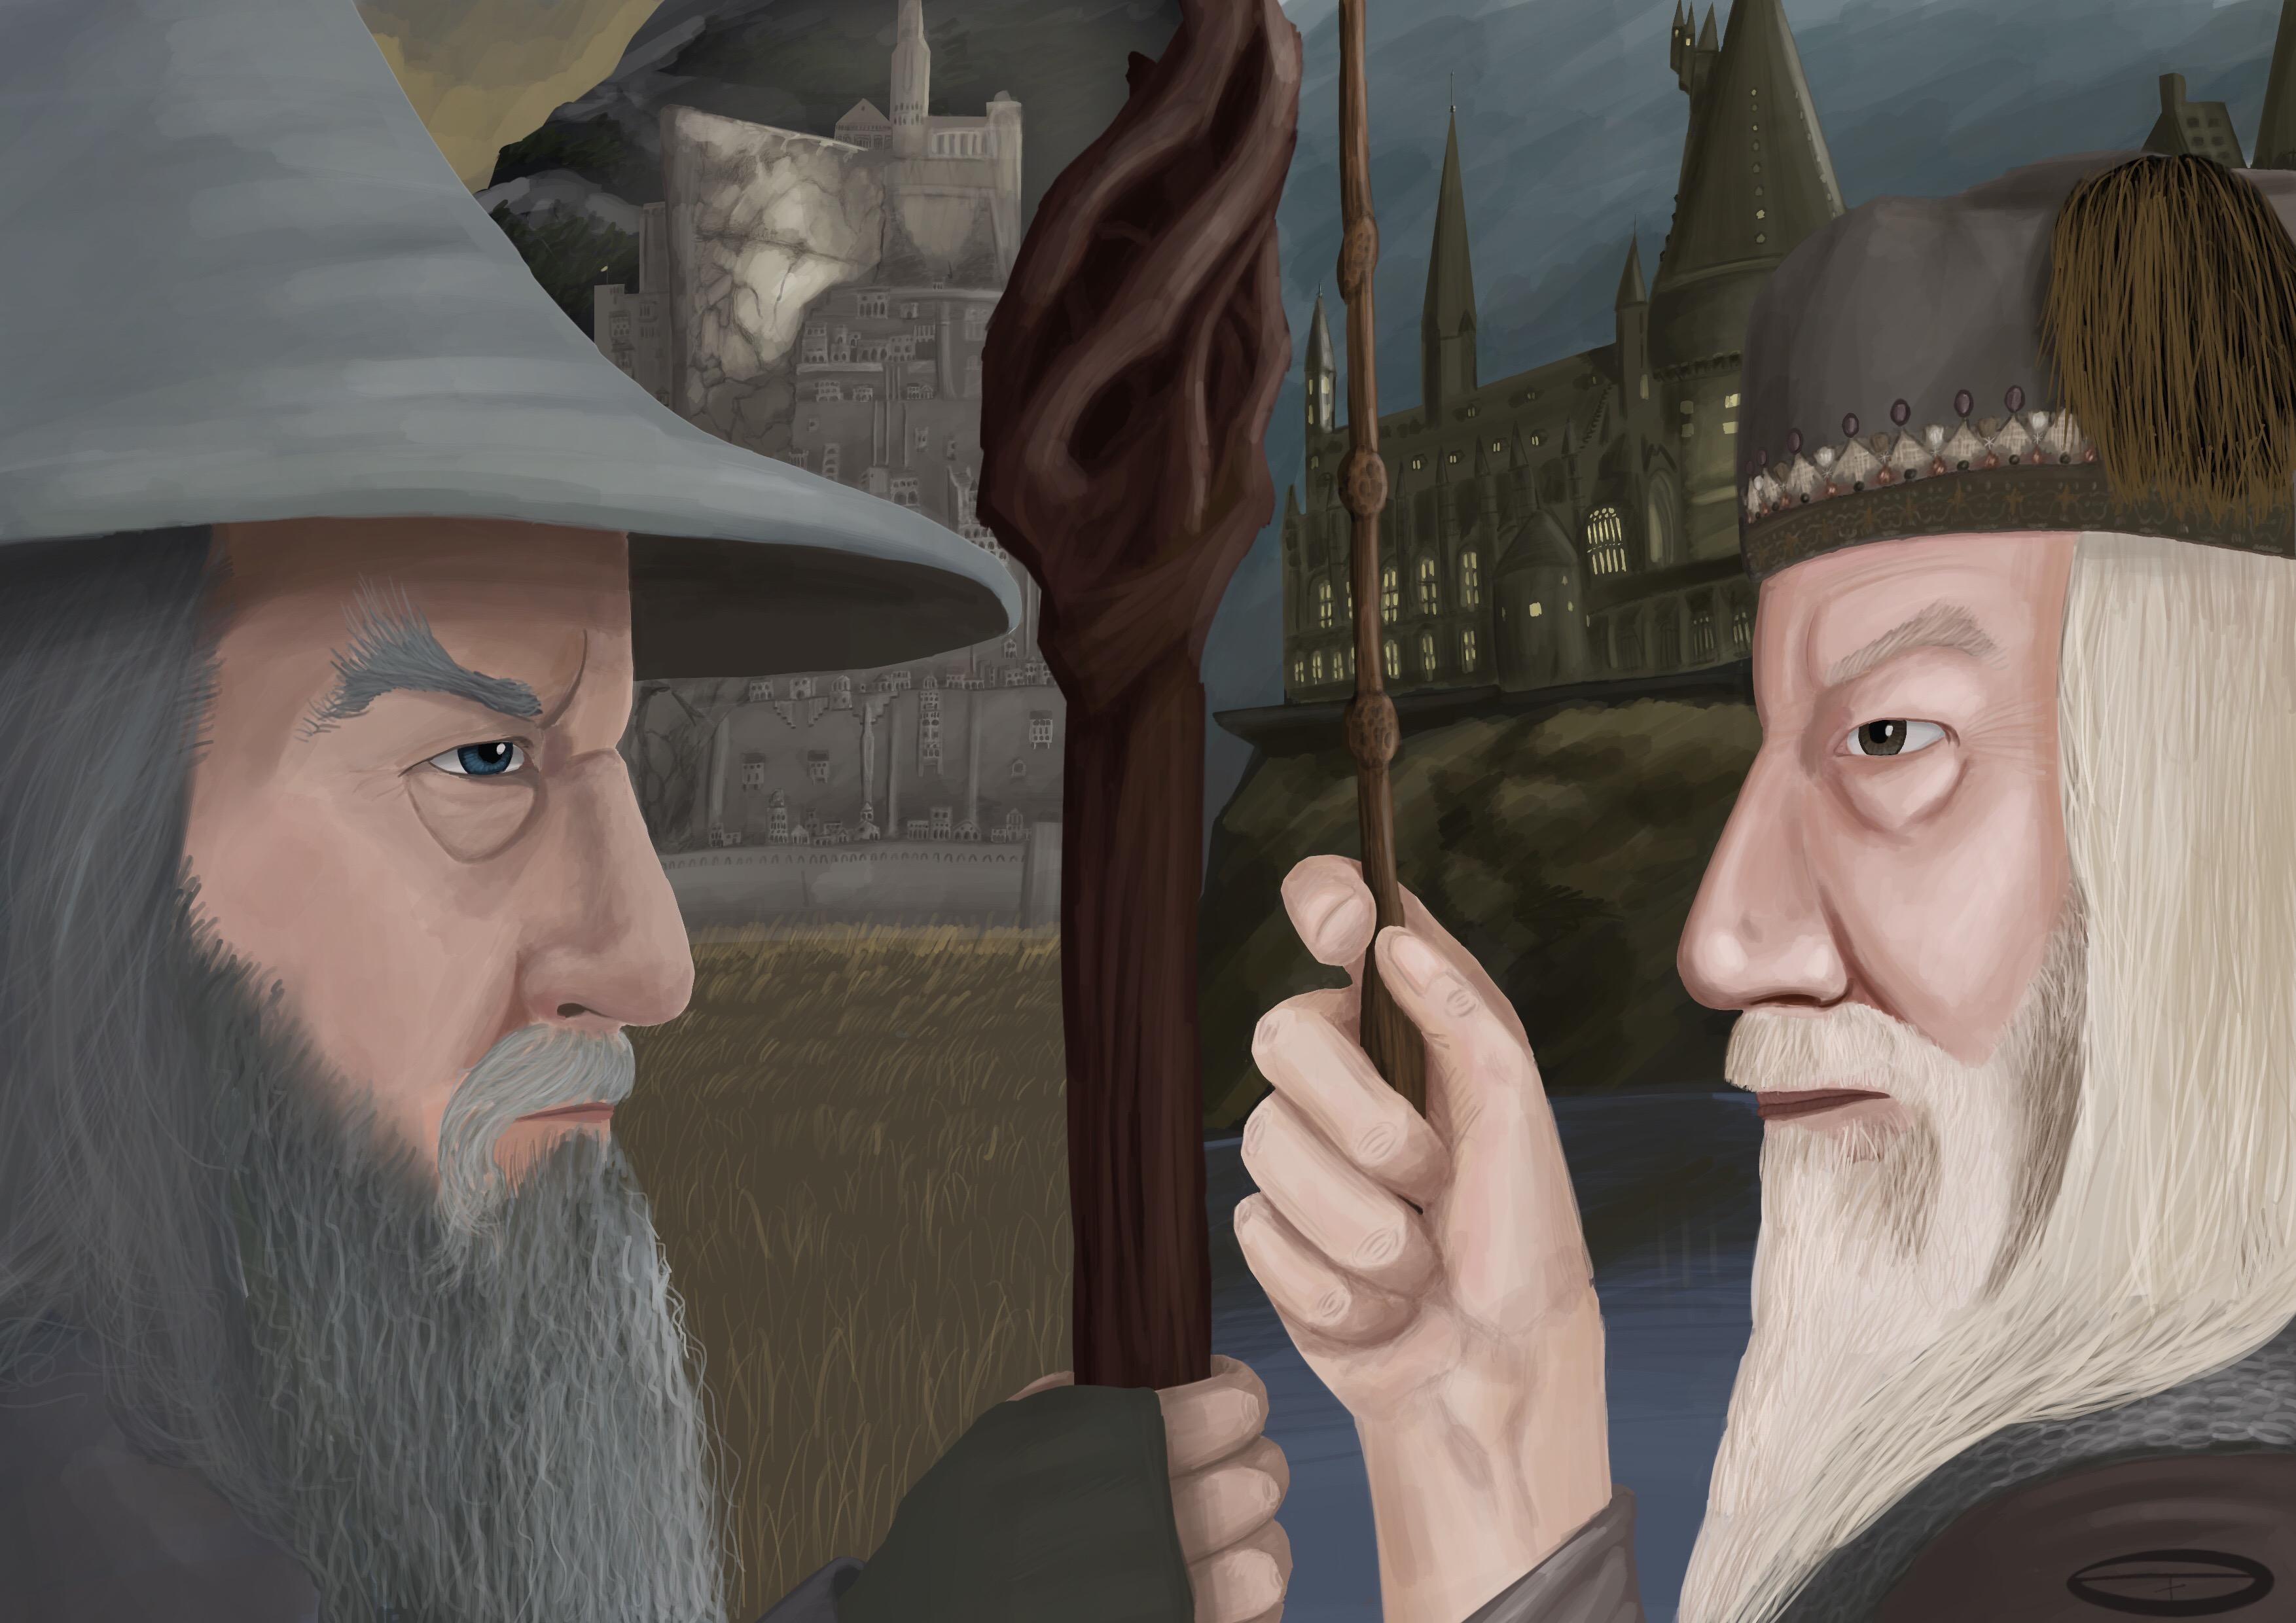 Gandalf vs Dumbledore